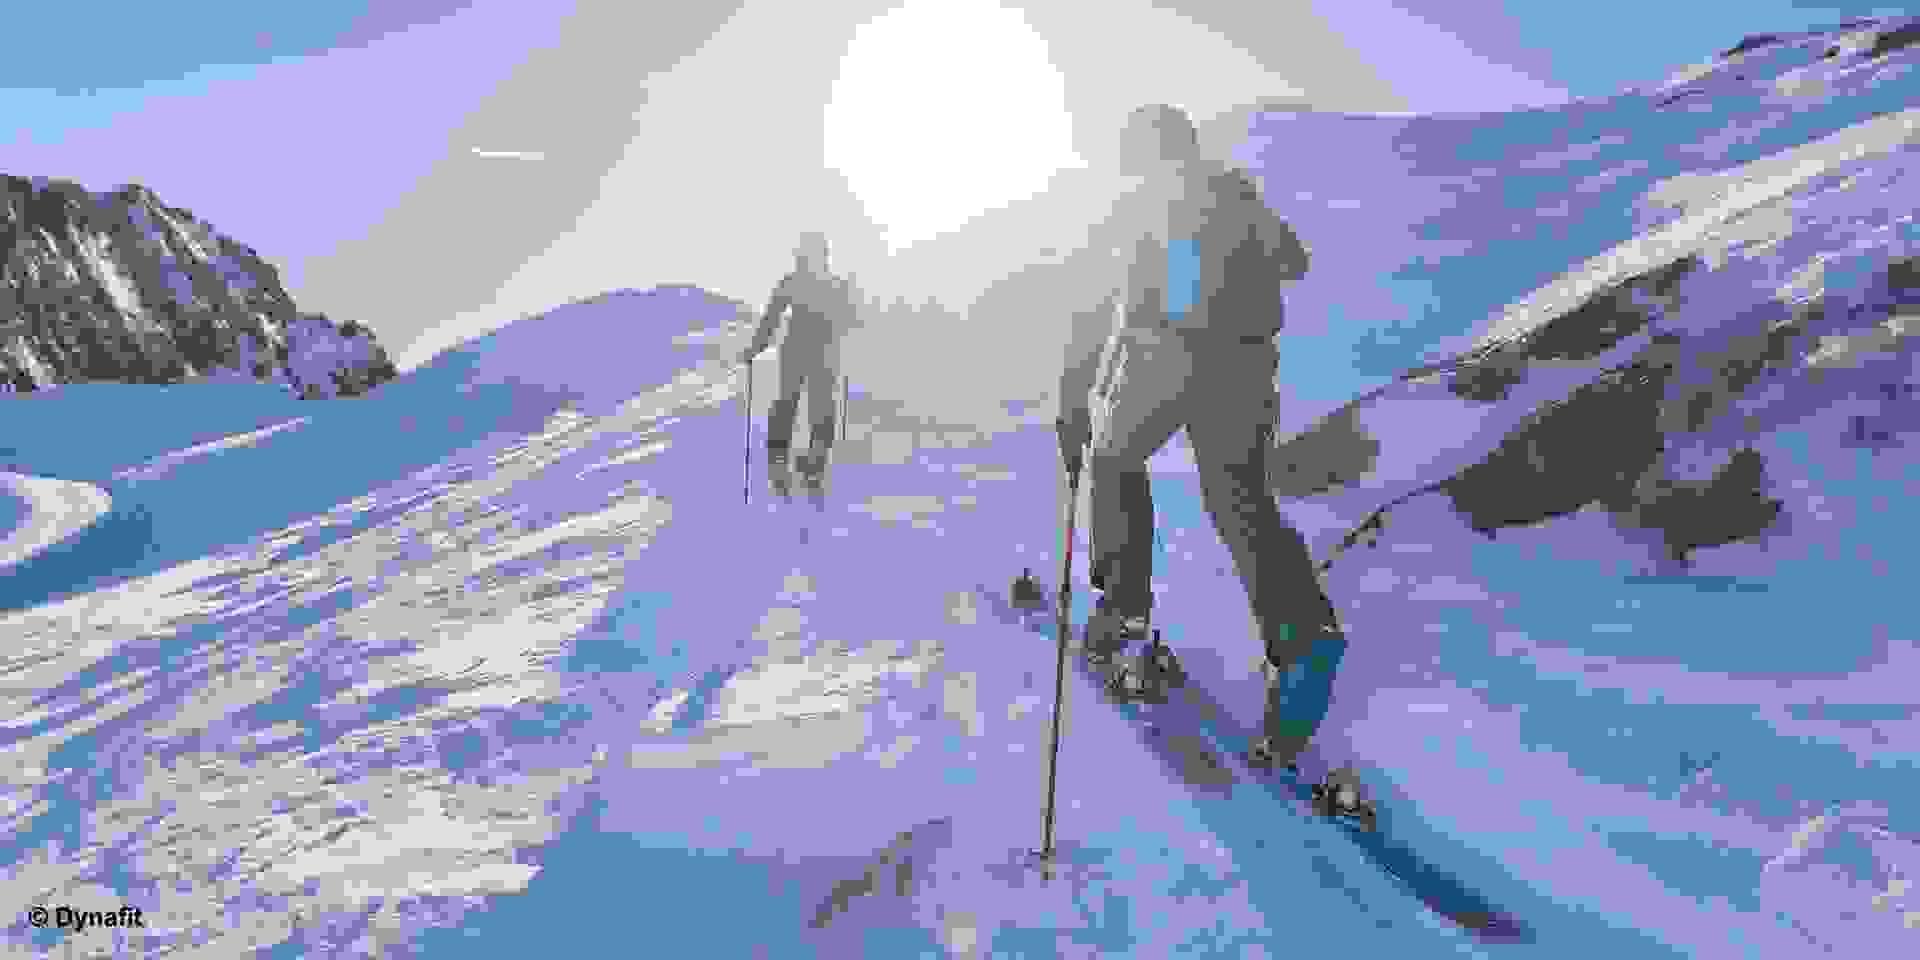 Zwei Skitourengeher queren im Aufstieg schnell einen steilen Hang